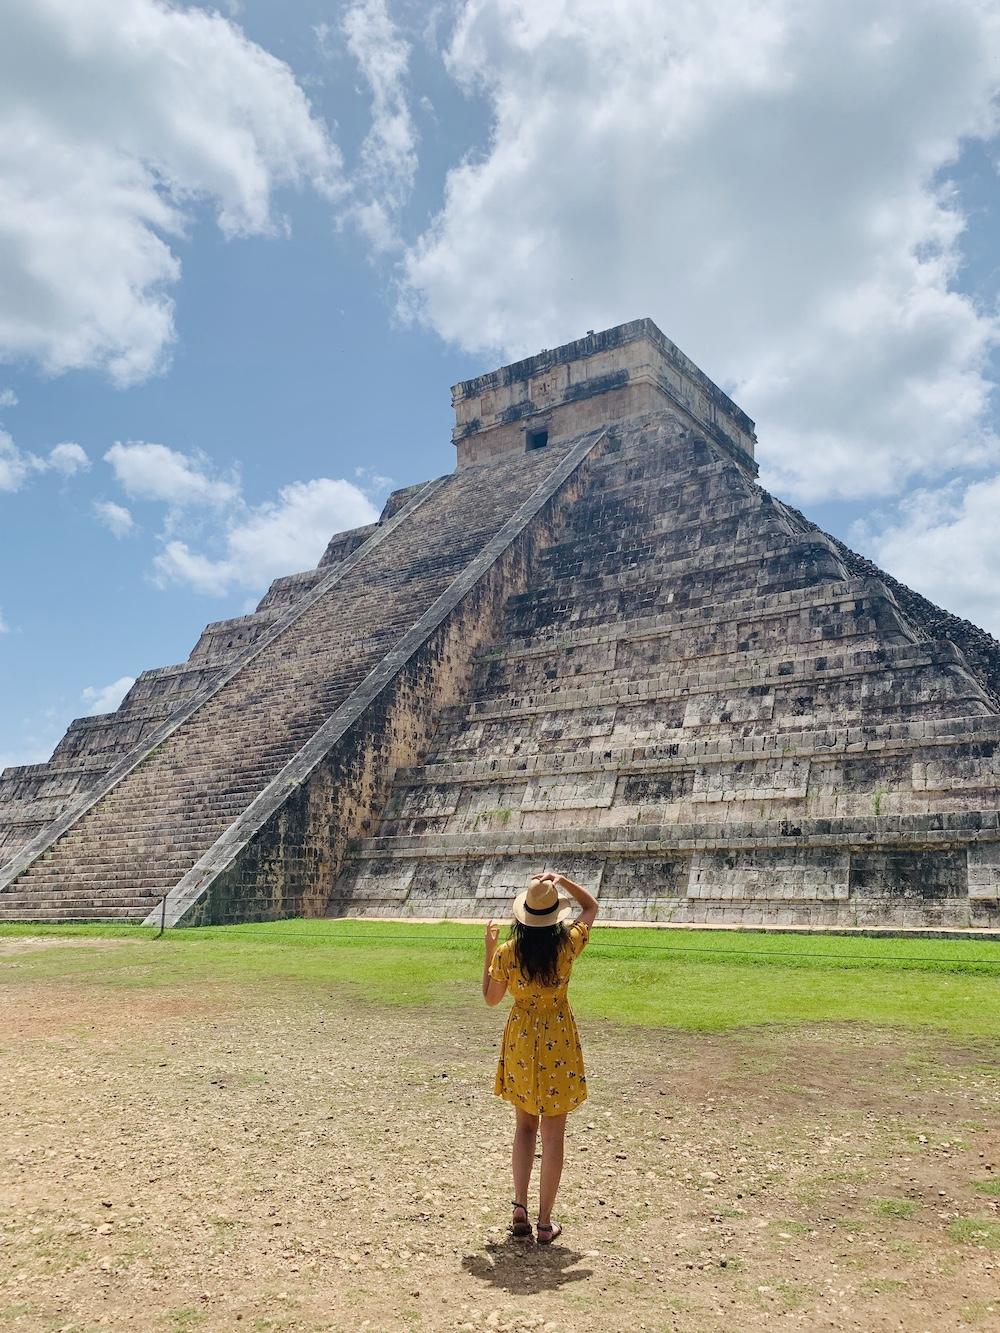 Rondreis Mexico Chichen Itza